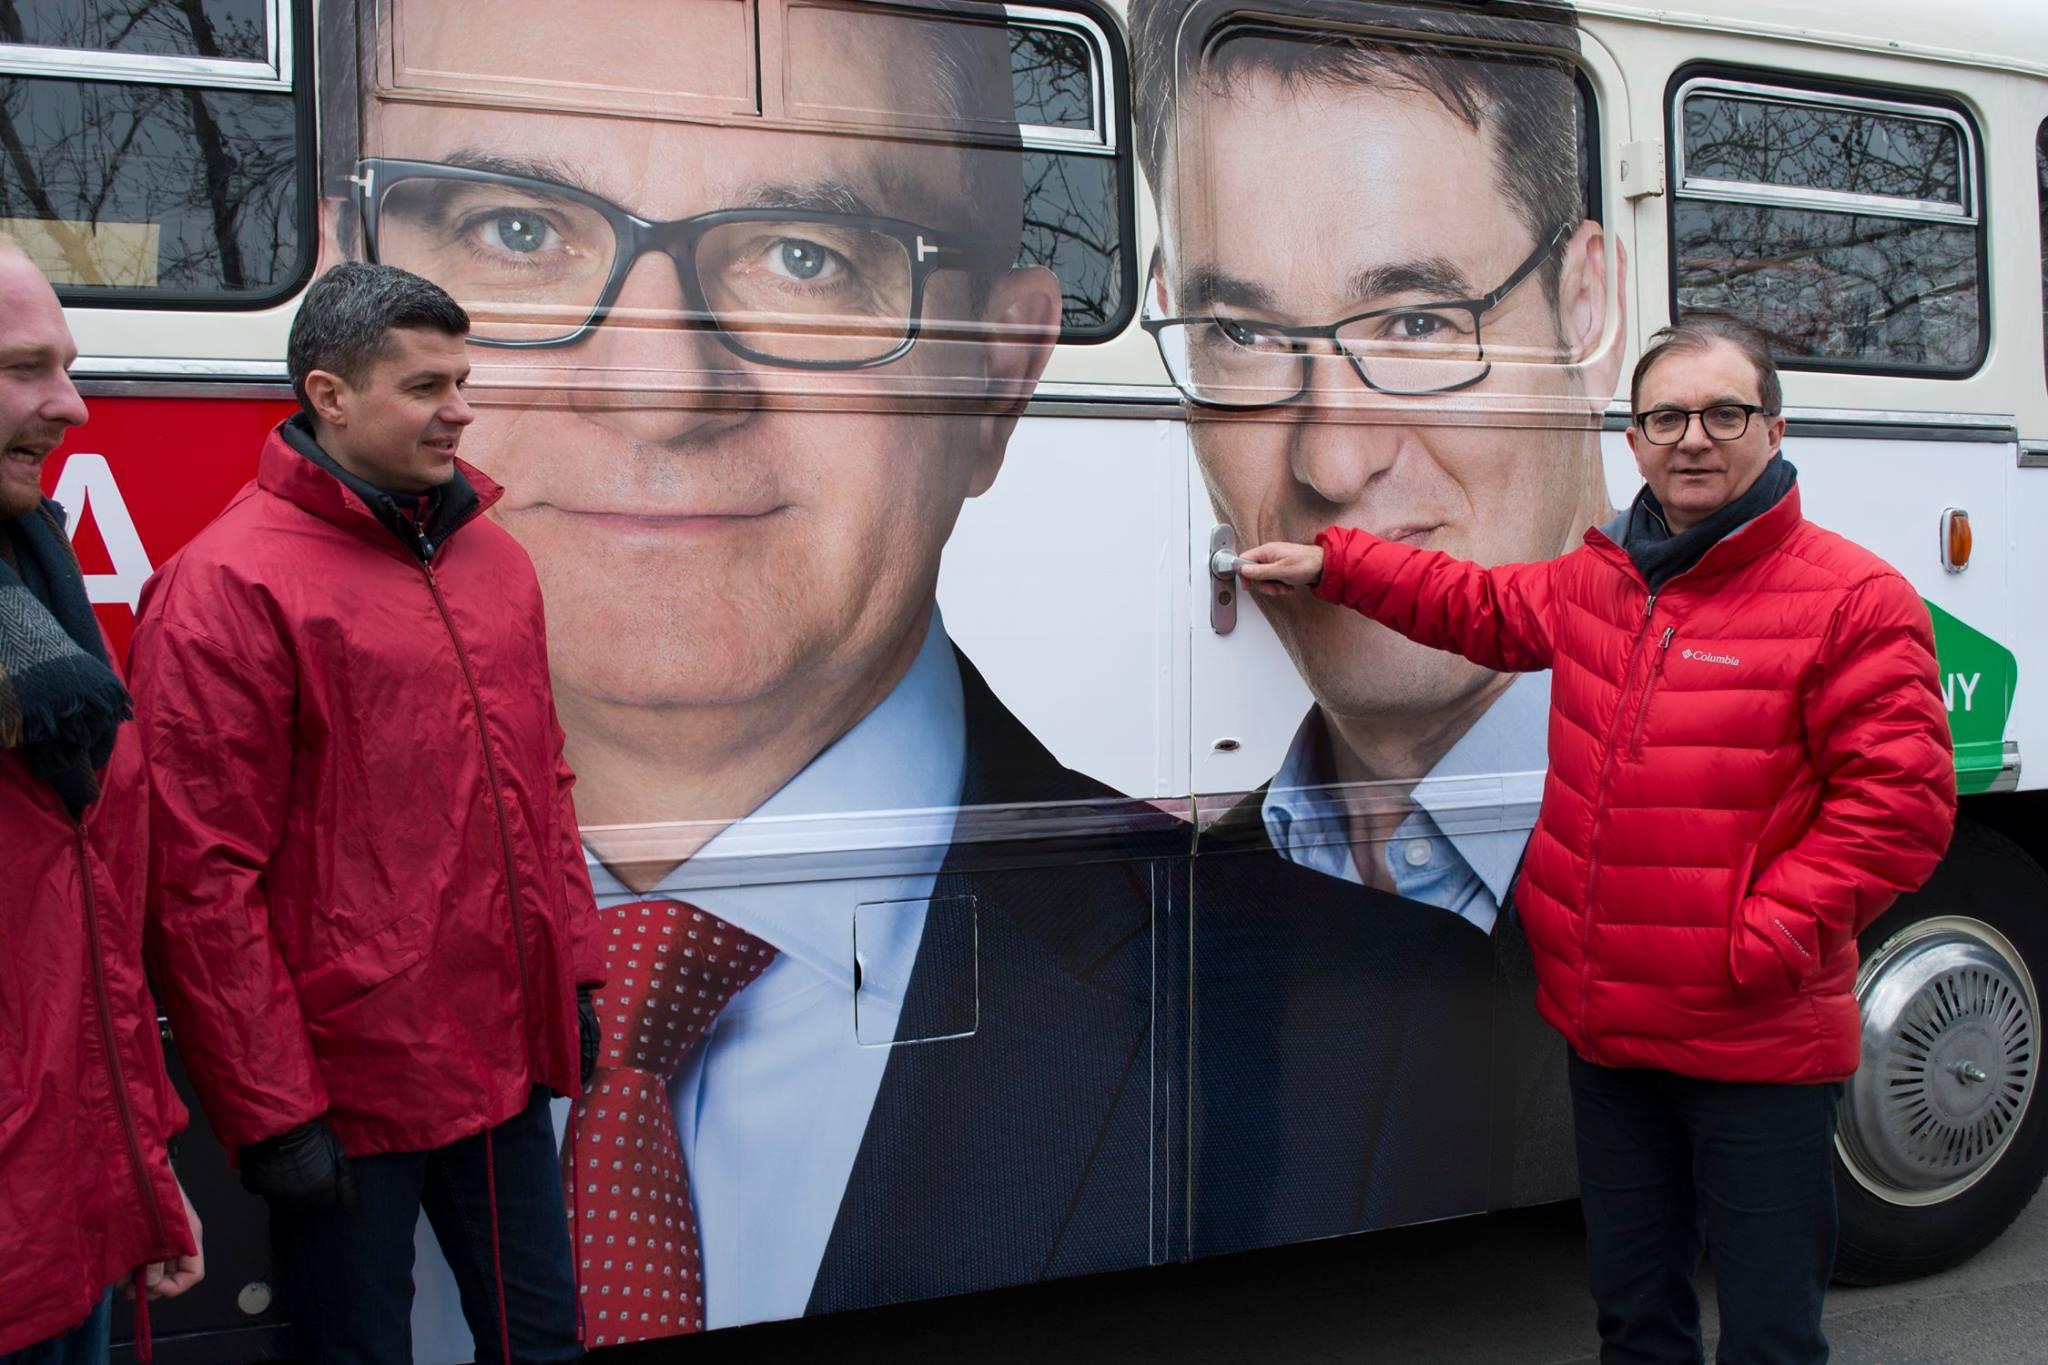 Összeült a zuglói parkolási ügyeket vizsgáló bizottság, a Fidesz, az MSZP és a Mi Hazánk nem ment el